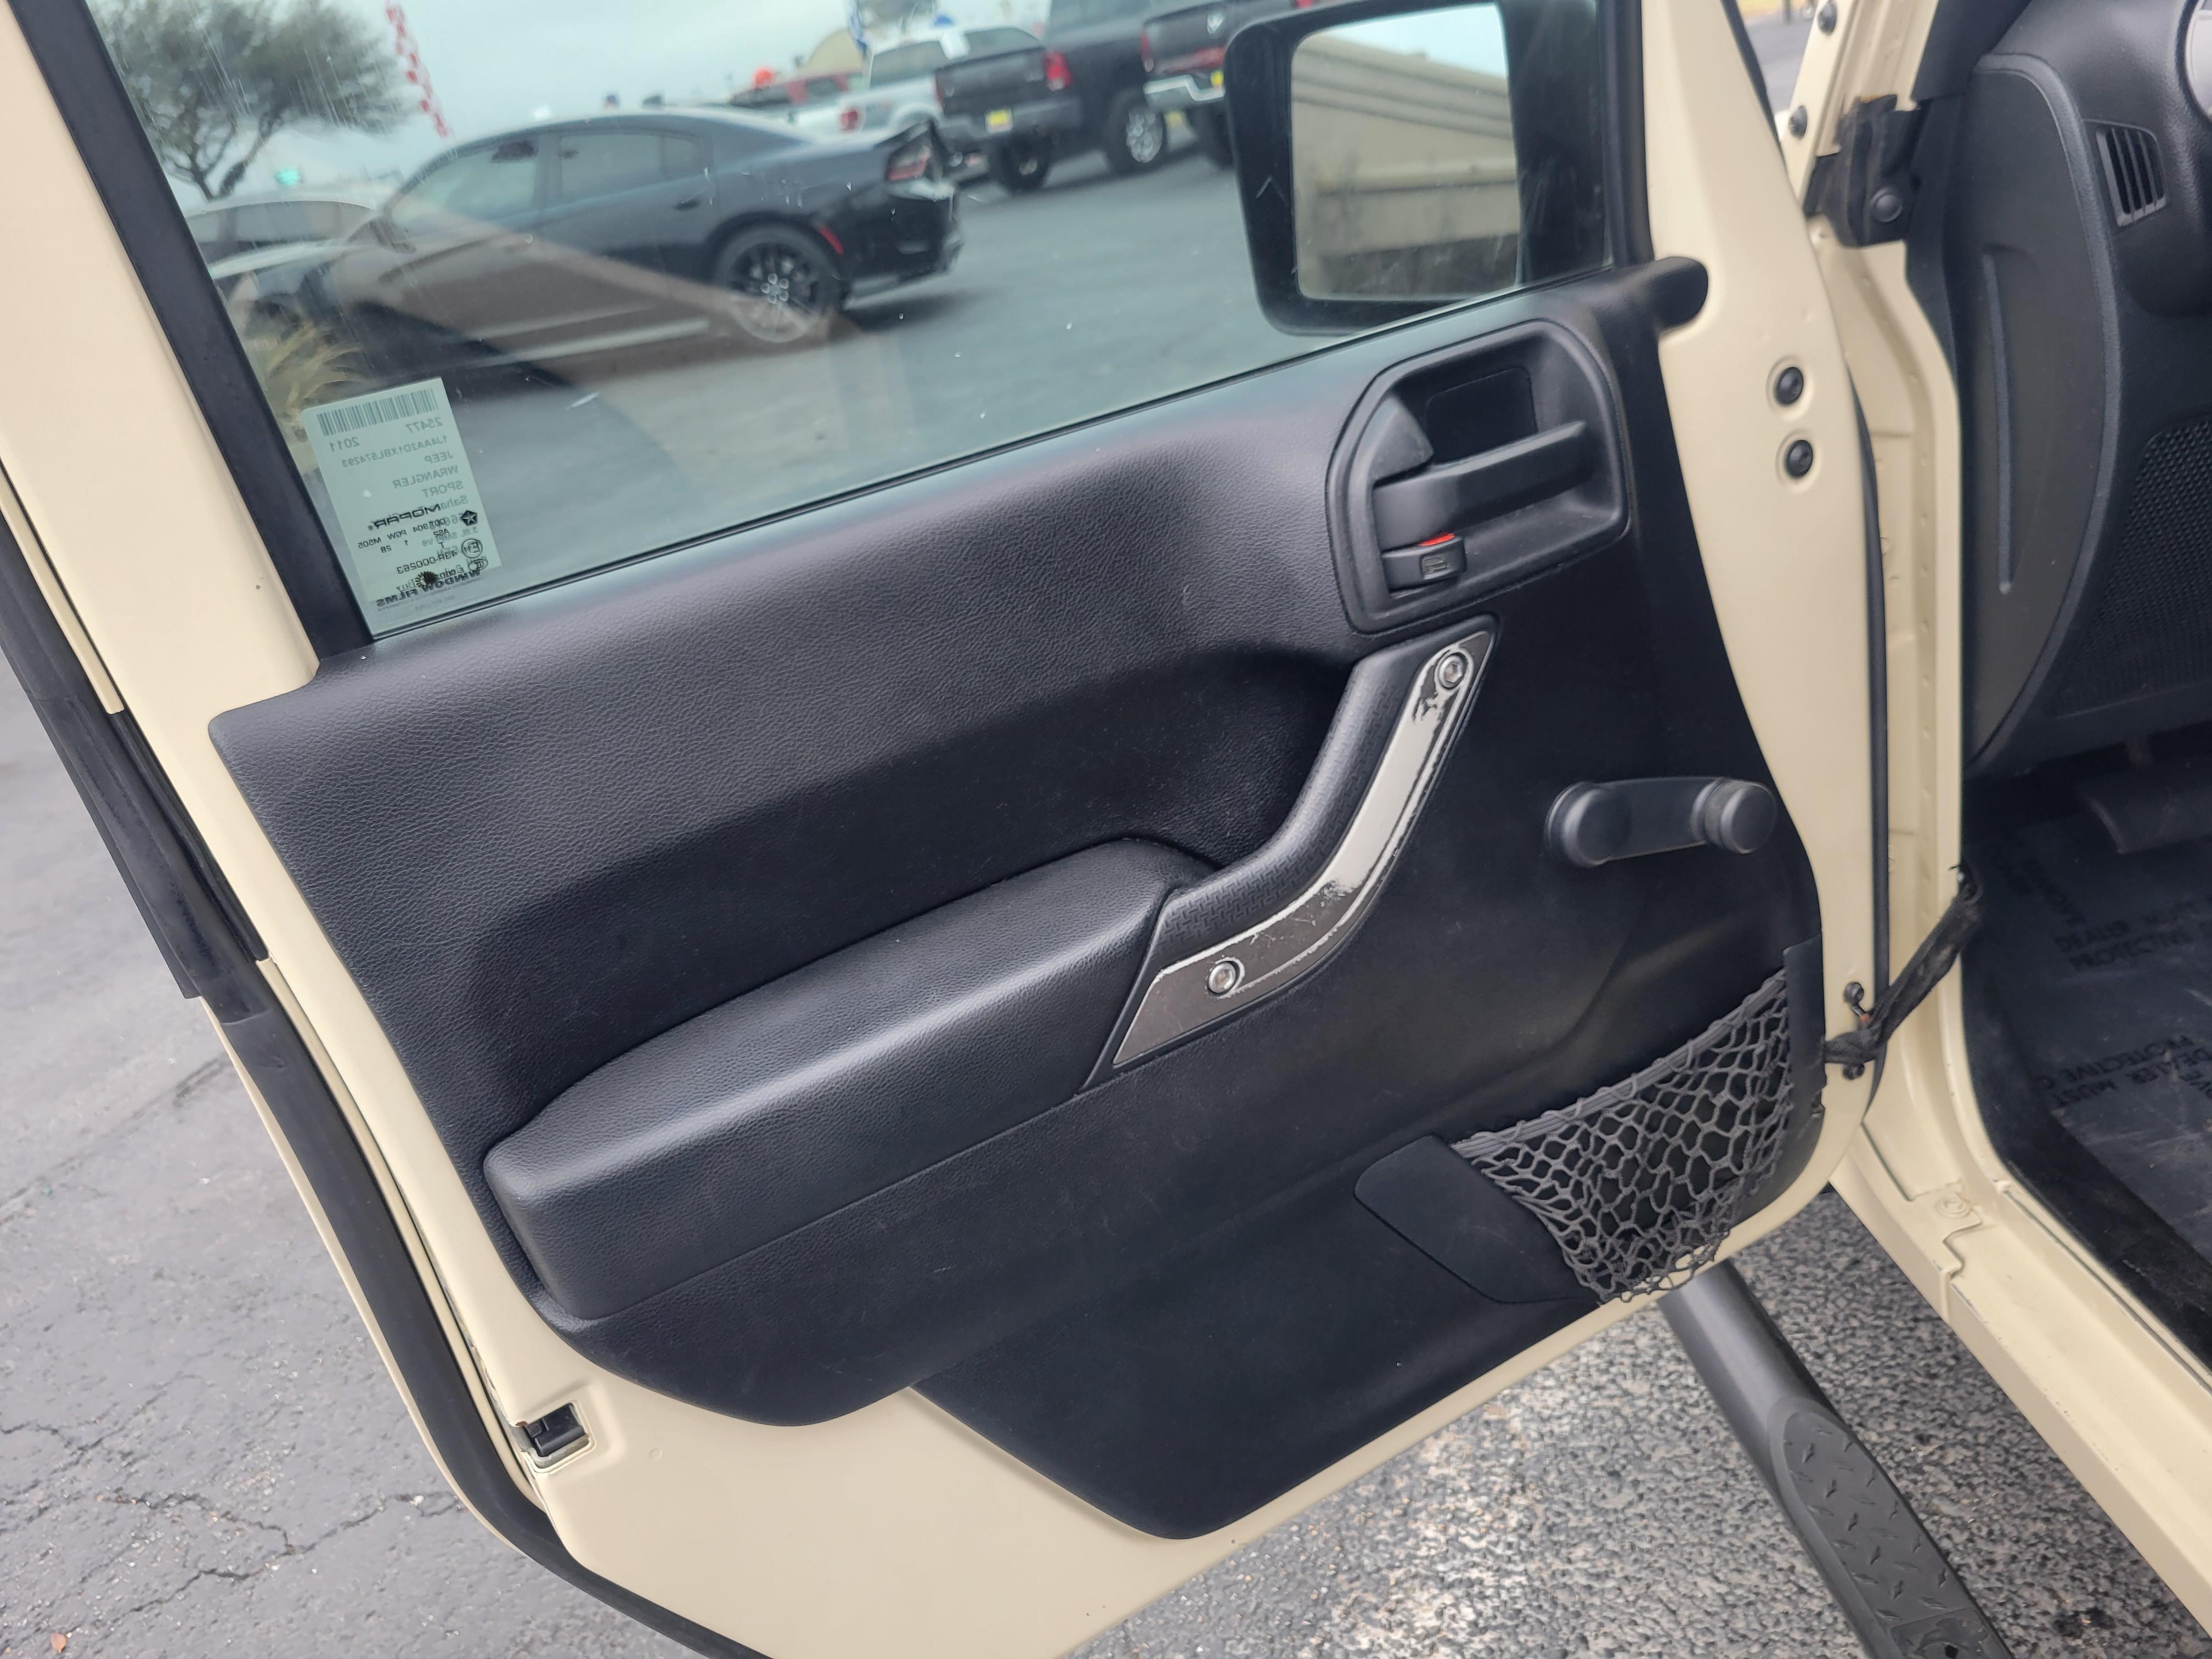 used vehicle - SUV JEEP WRANGLER 2011